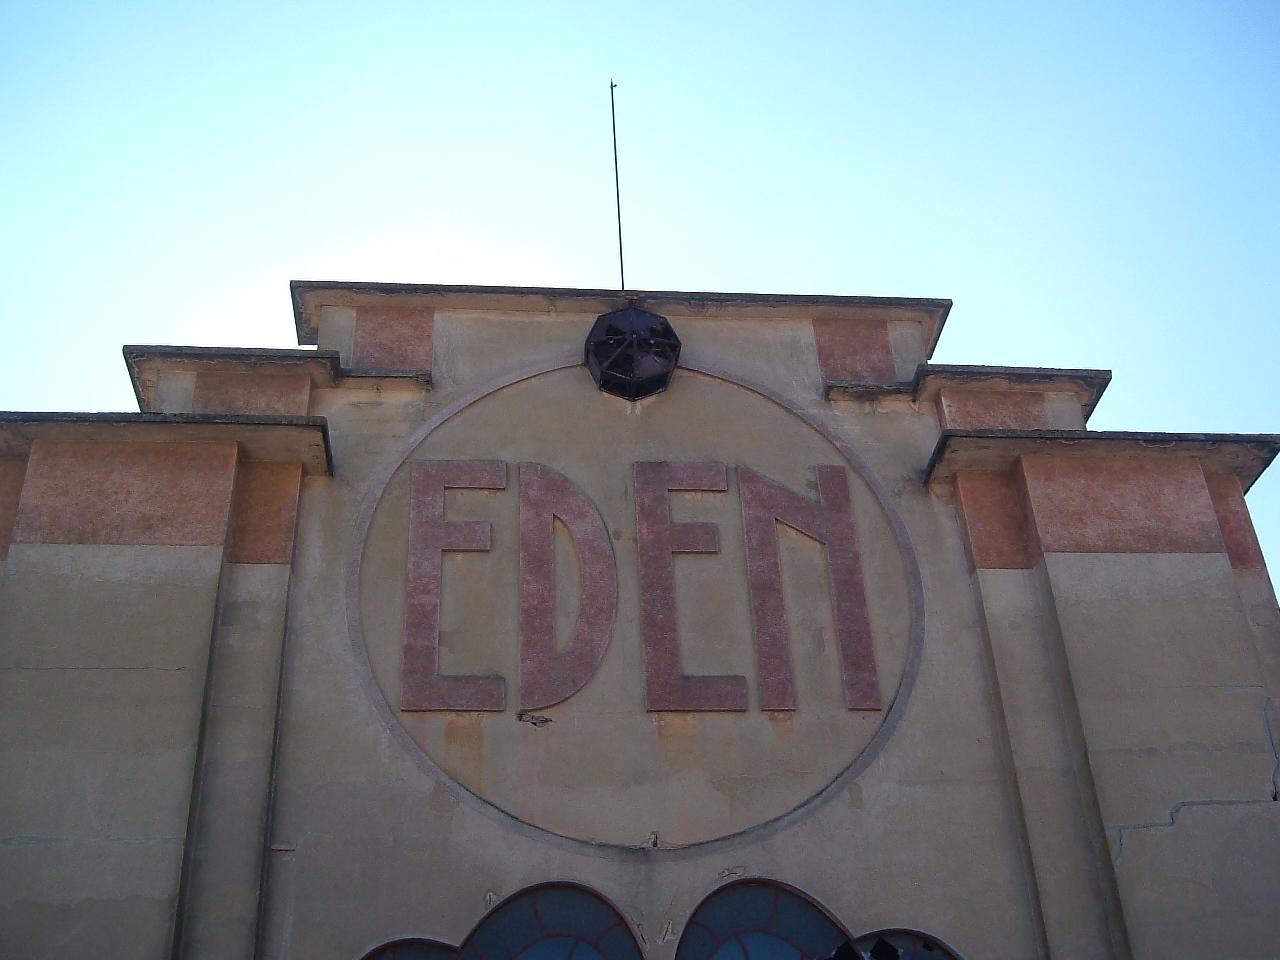 Seniausias pasaulyje veikiantis kino teatras pateko į Gineso rekordų knygą